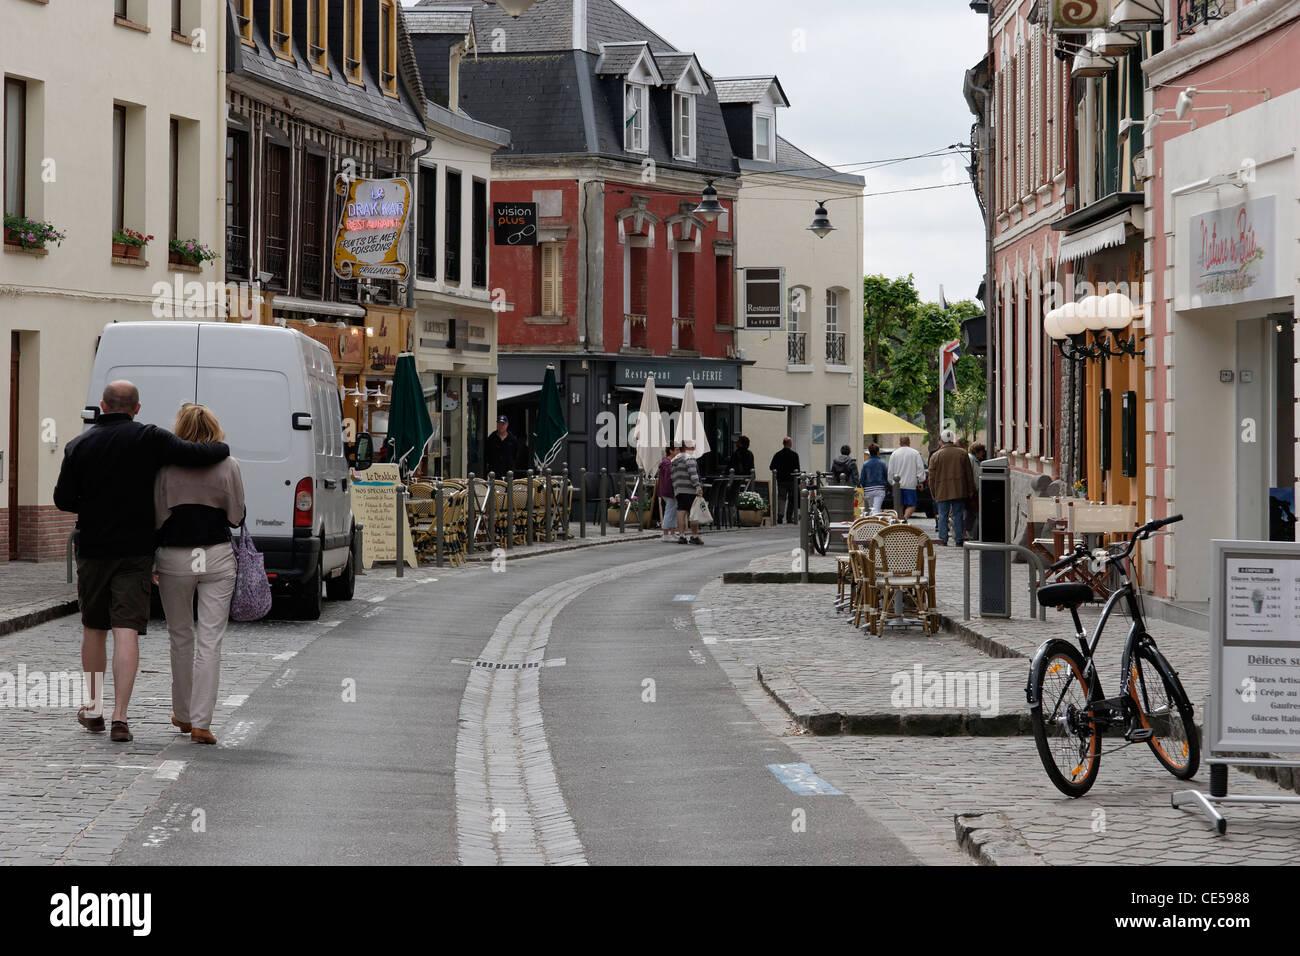 Rue de la Ferté in Saint-Valery-sur-Somme, Picardie - Stock Image